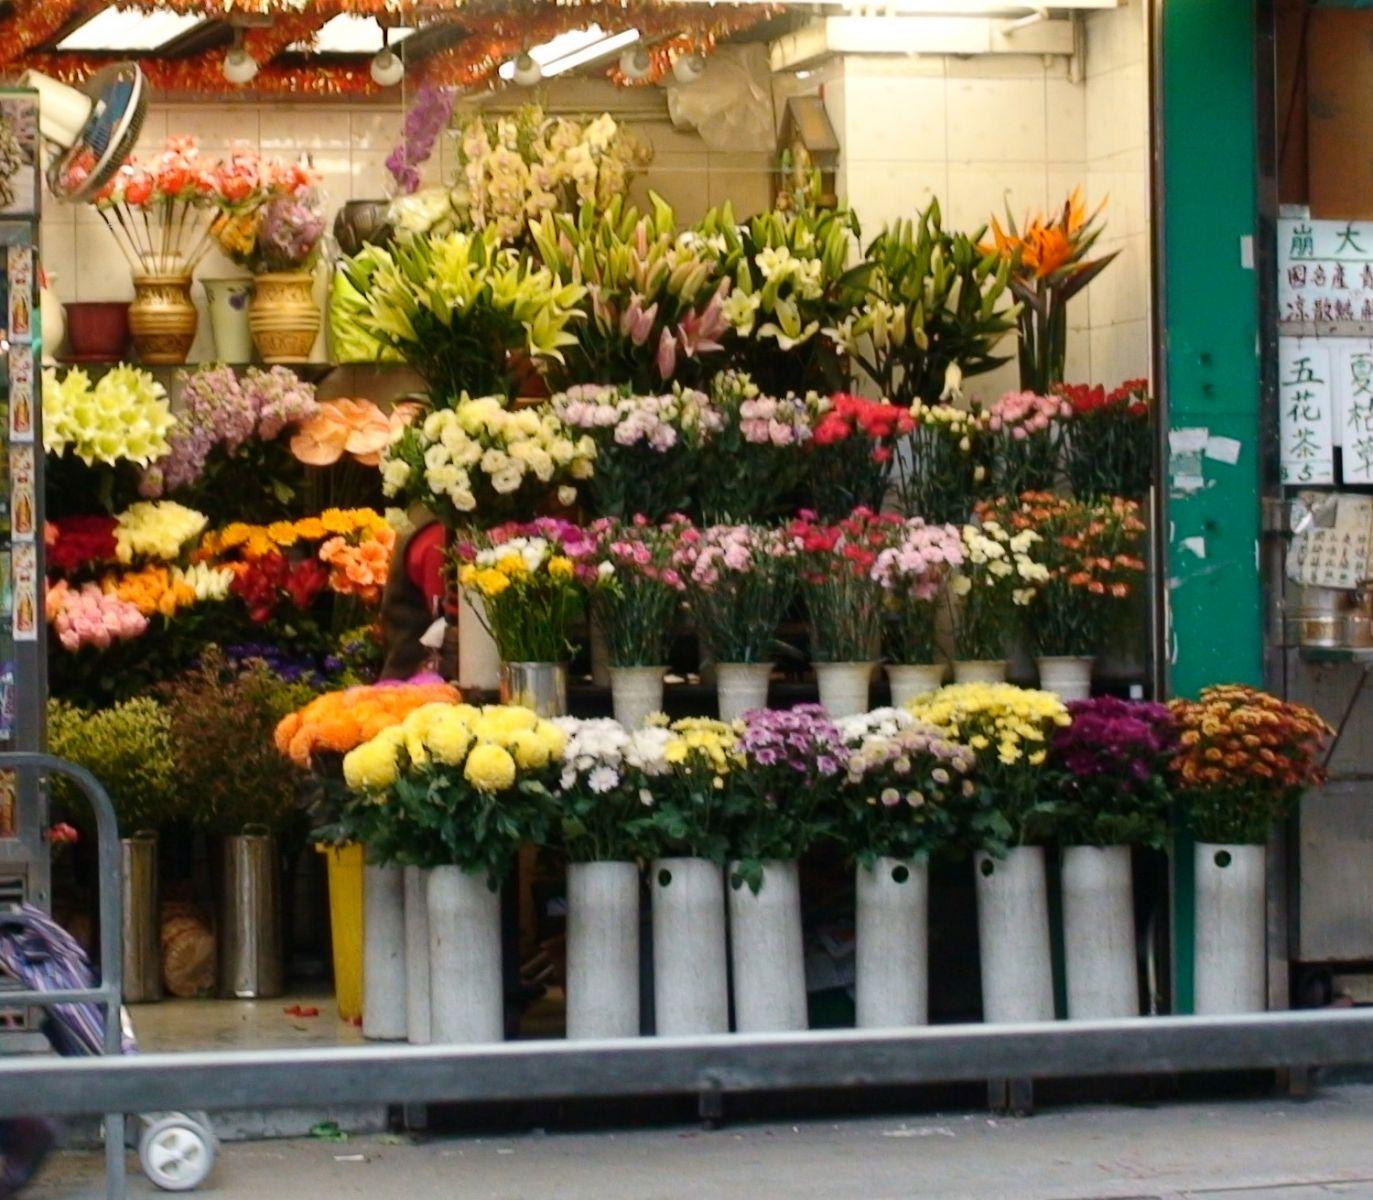 cửa hàng hoa tươi quận 10 3